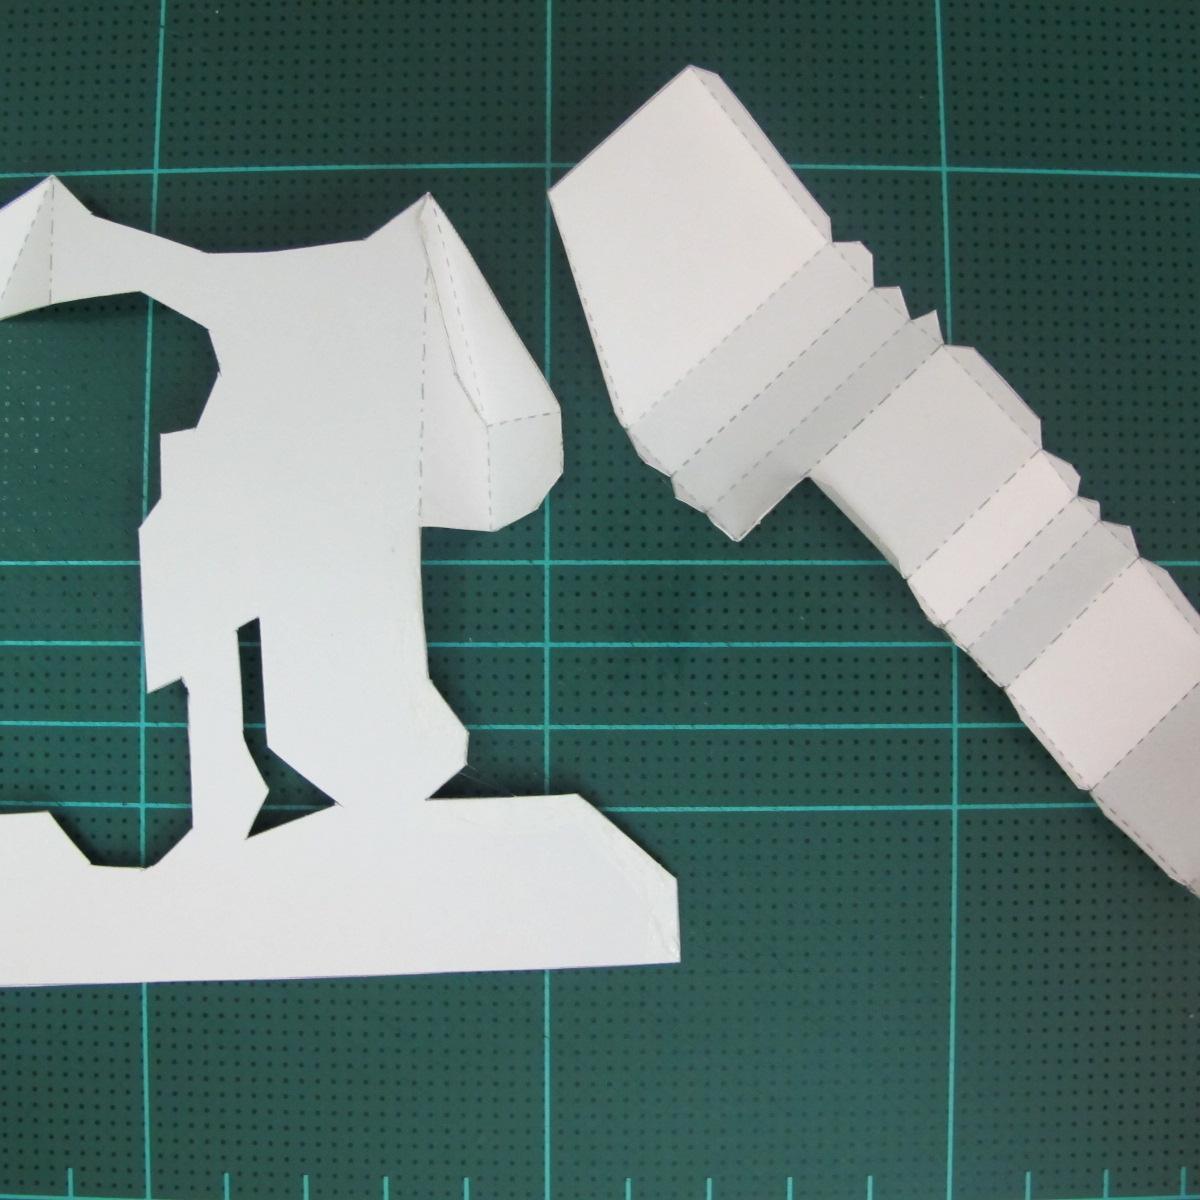 วิธีทำโมเดลกระดาษ ตุ้กตาไลน์ หมีบราวน์ ถือพลั่ว (Line Brown Bear With Shovel Papercraft Model -「シャベル」と「ブラウン」) 005